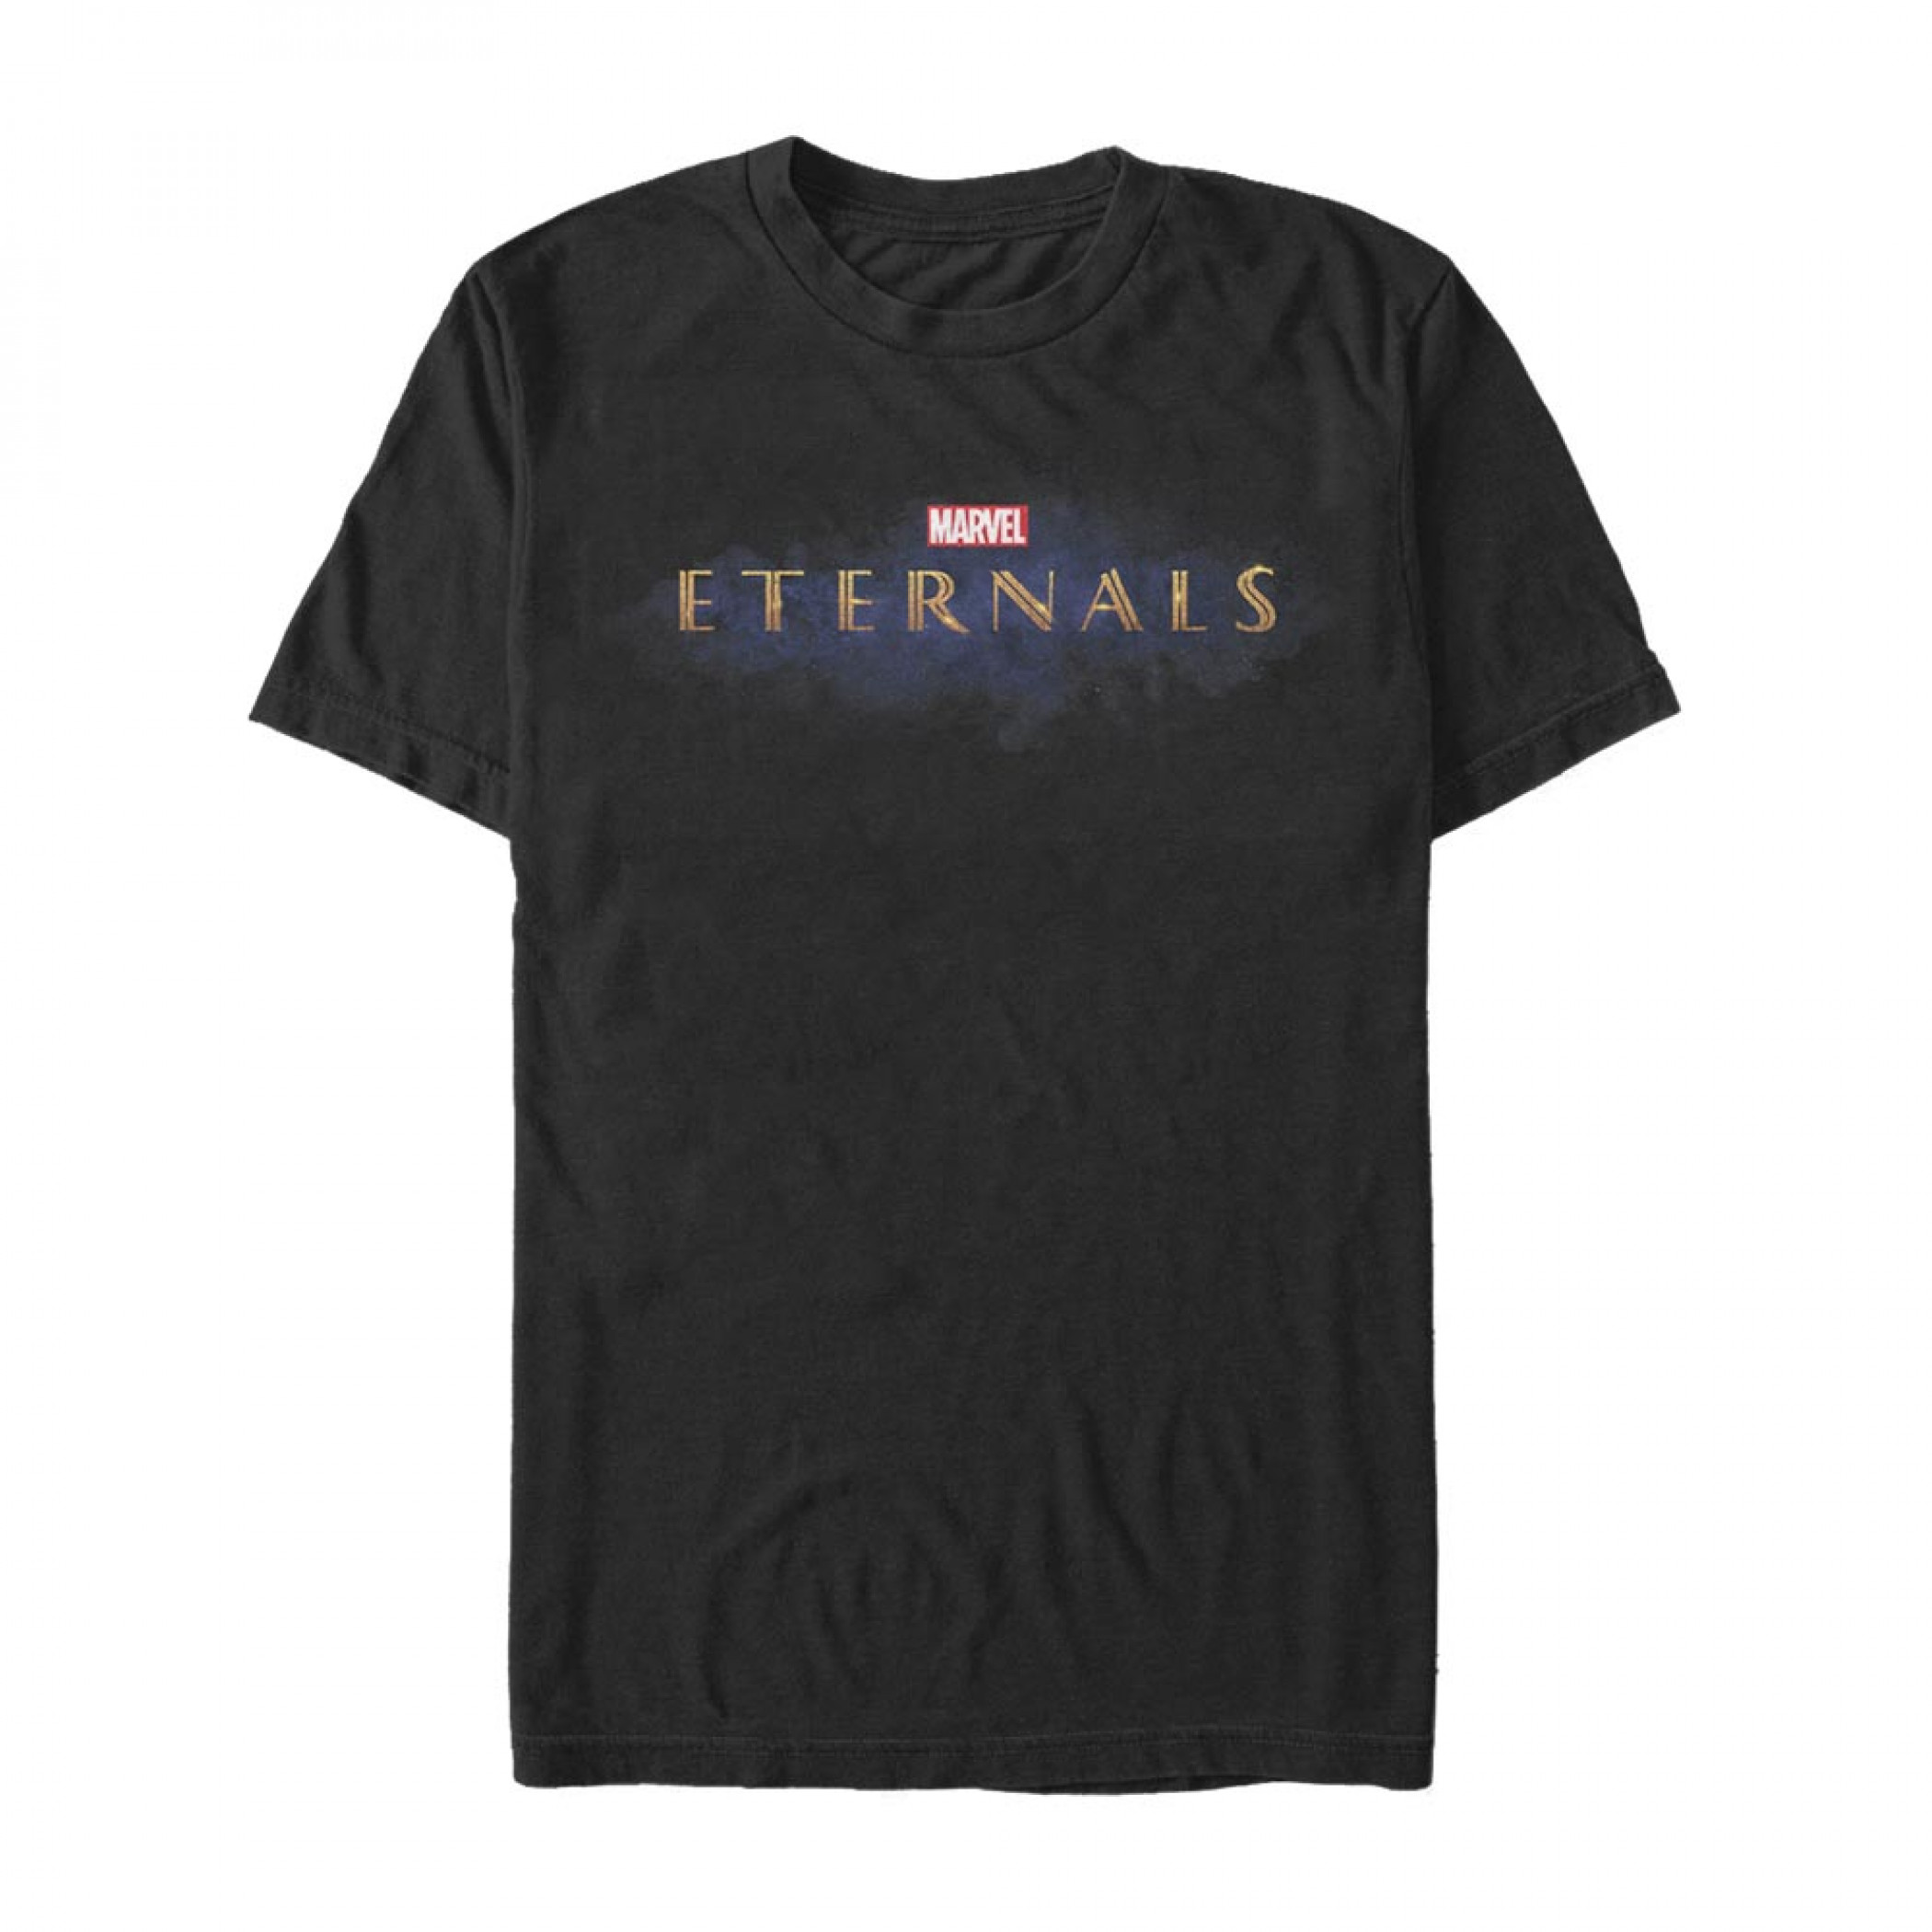 Marvel Eternals Logo T-Shirt